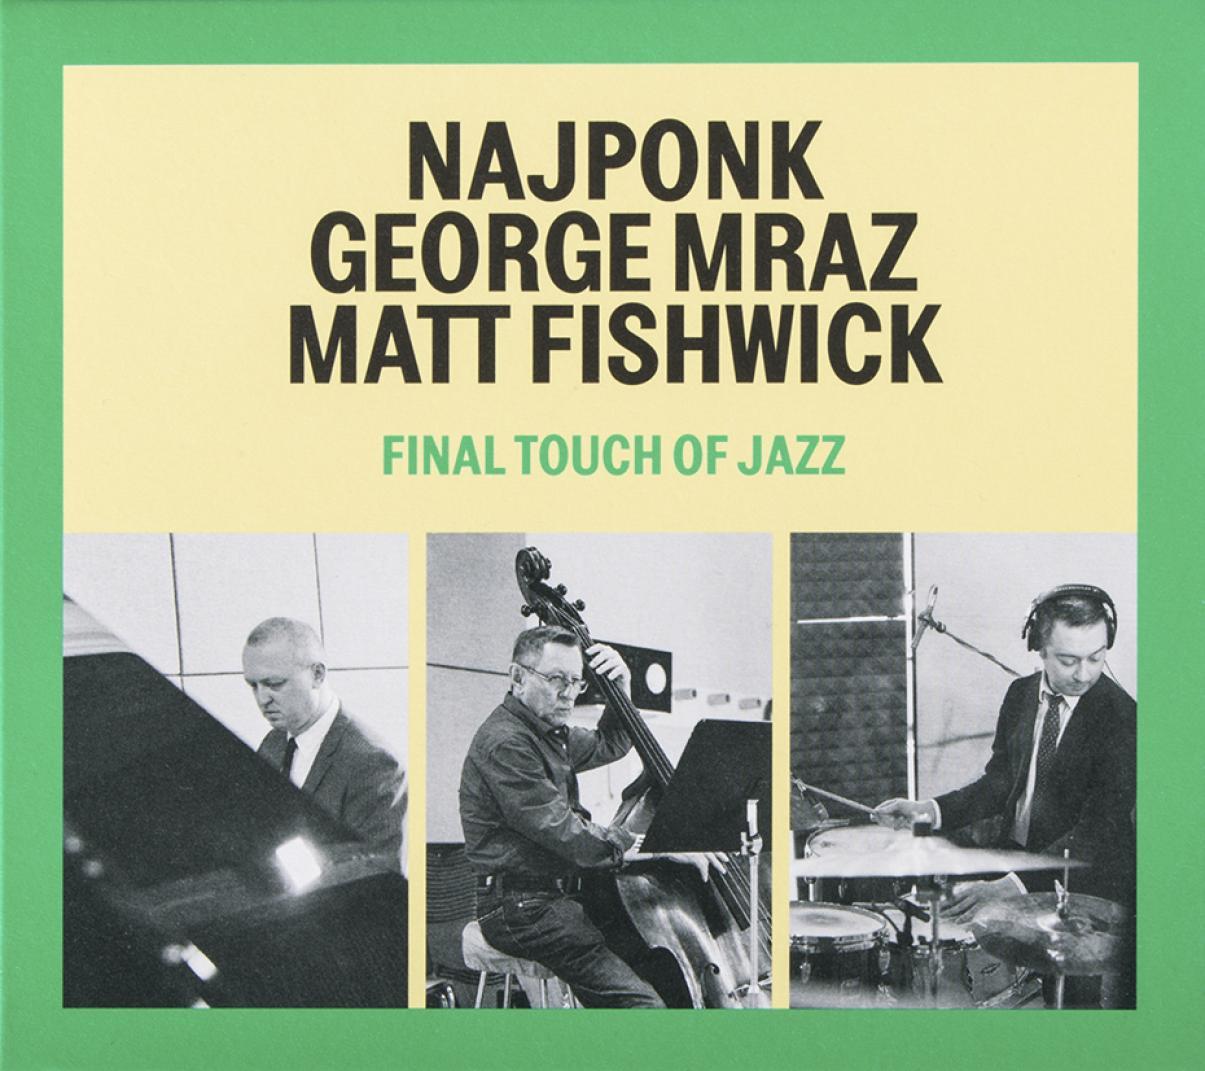 Najponk, Mraz, Fishwick: Final Touch of Jazz